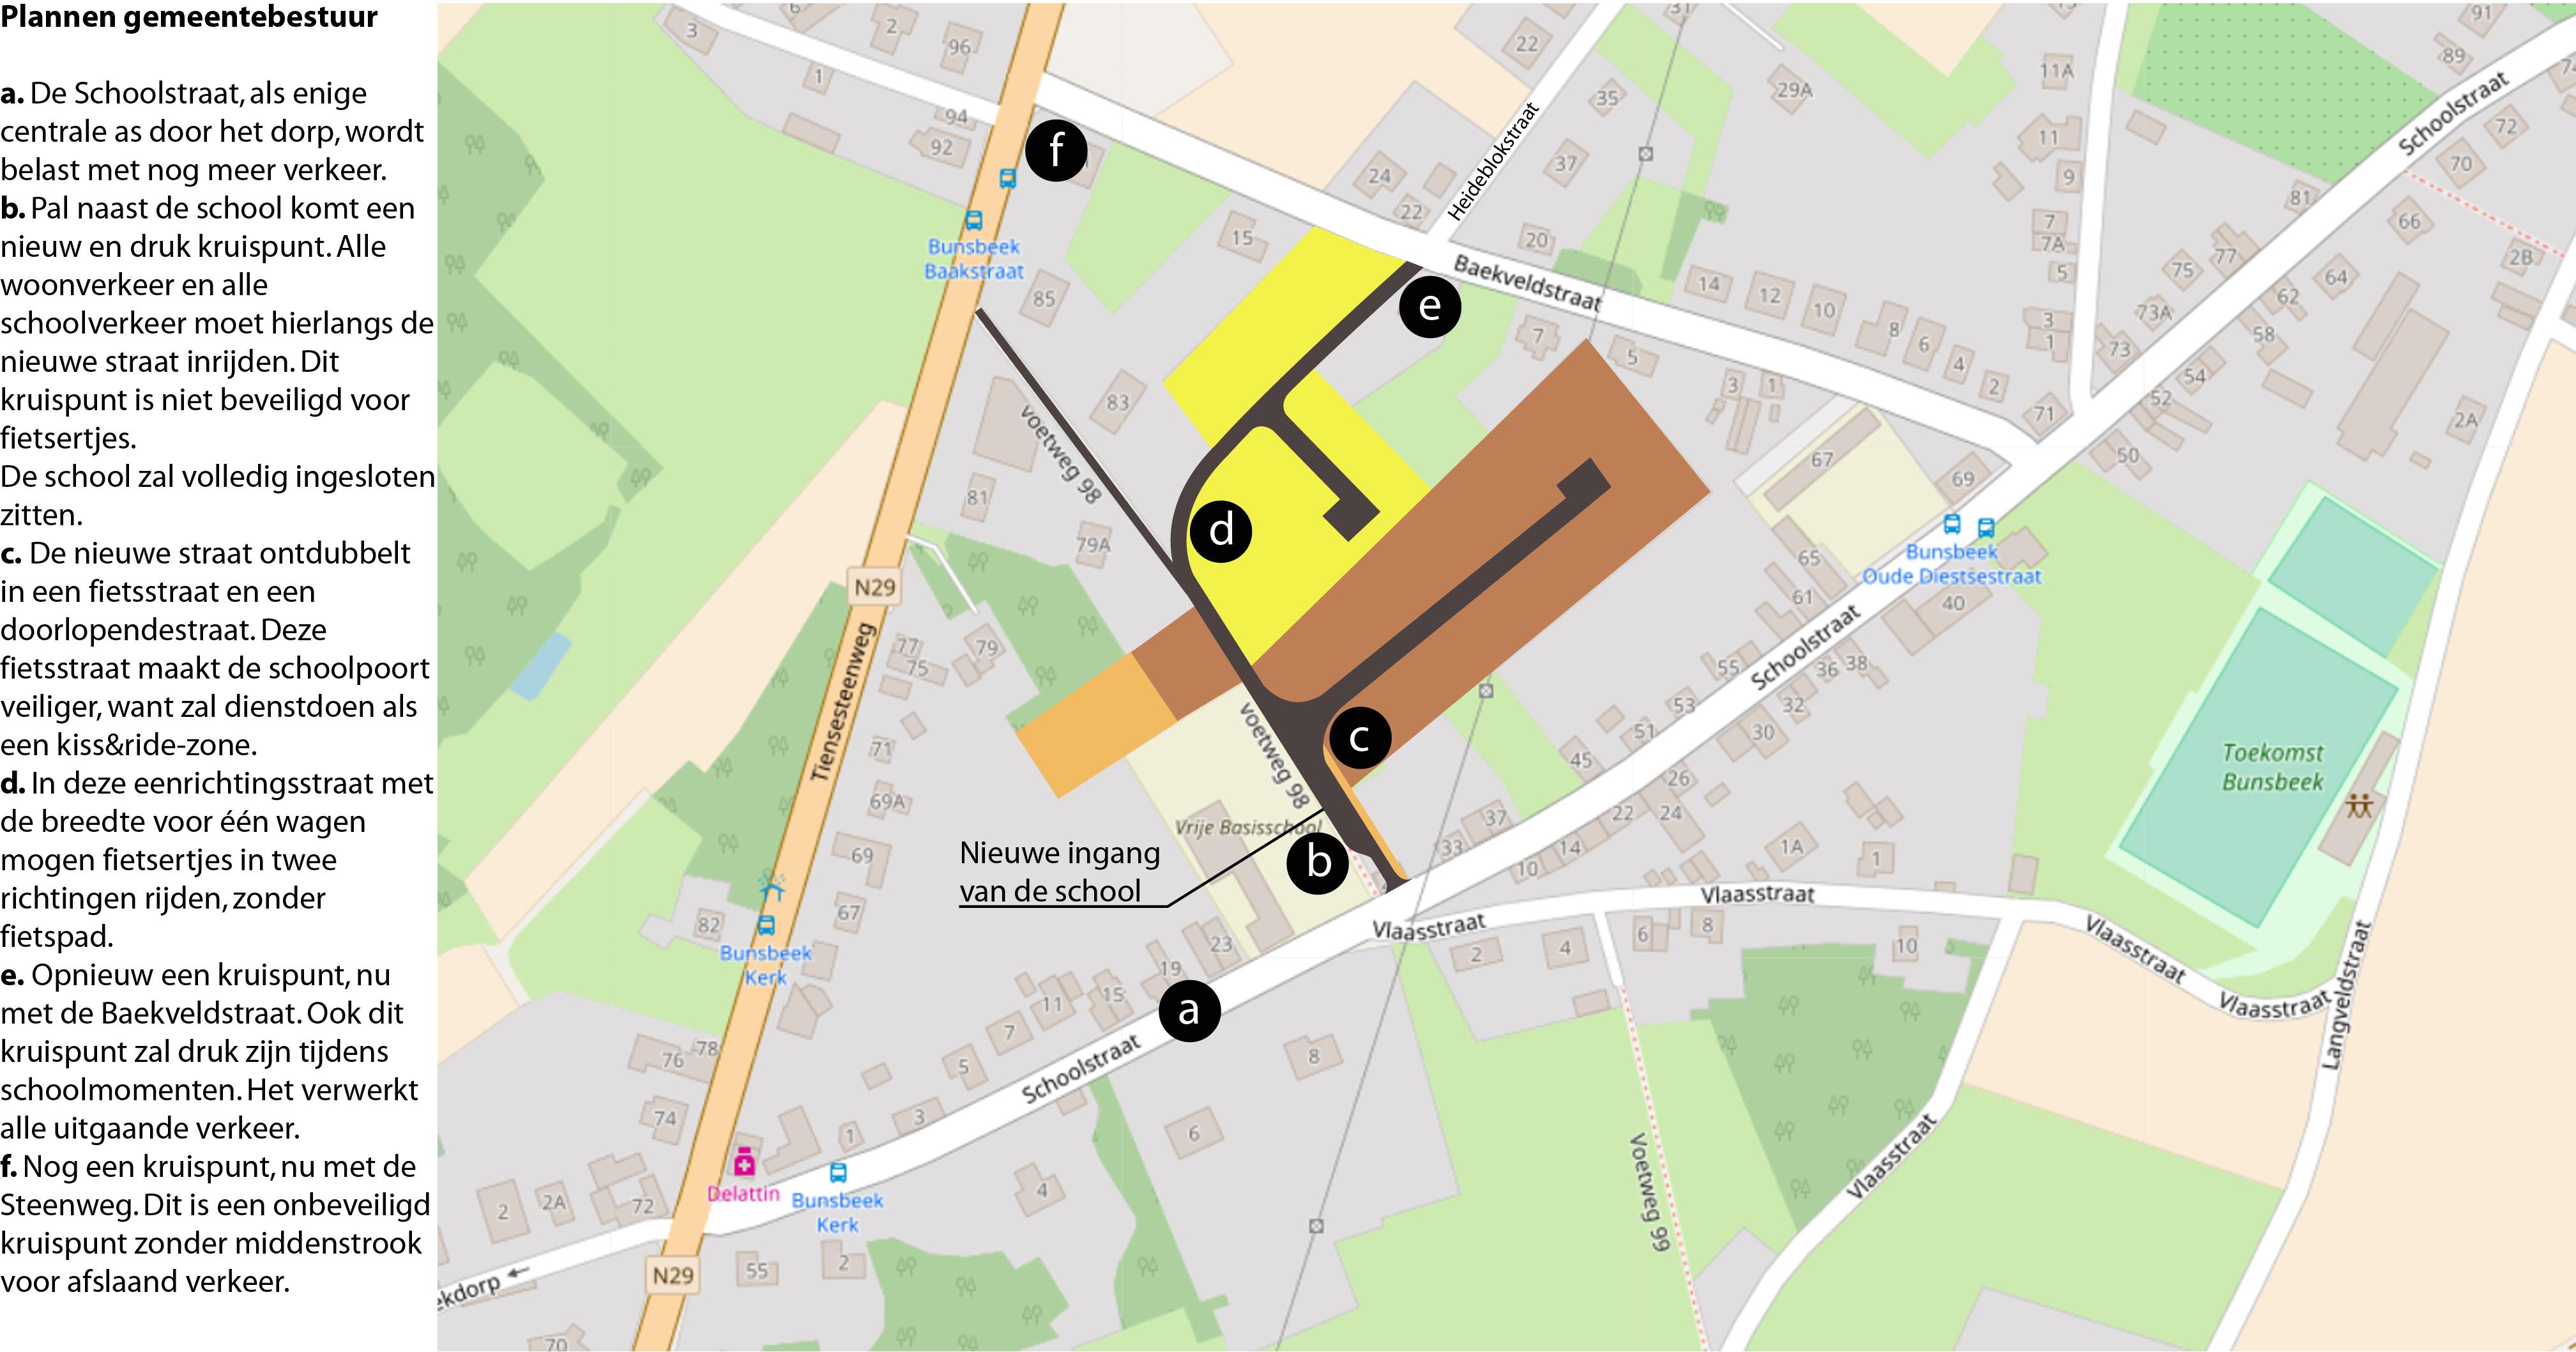 Schoolstraat Bunsbeek - plan gemeentebestuur